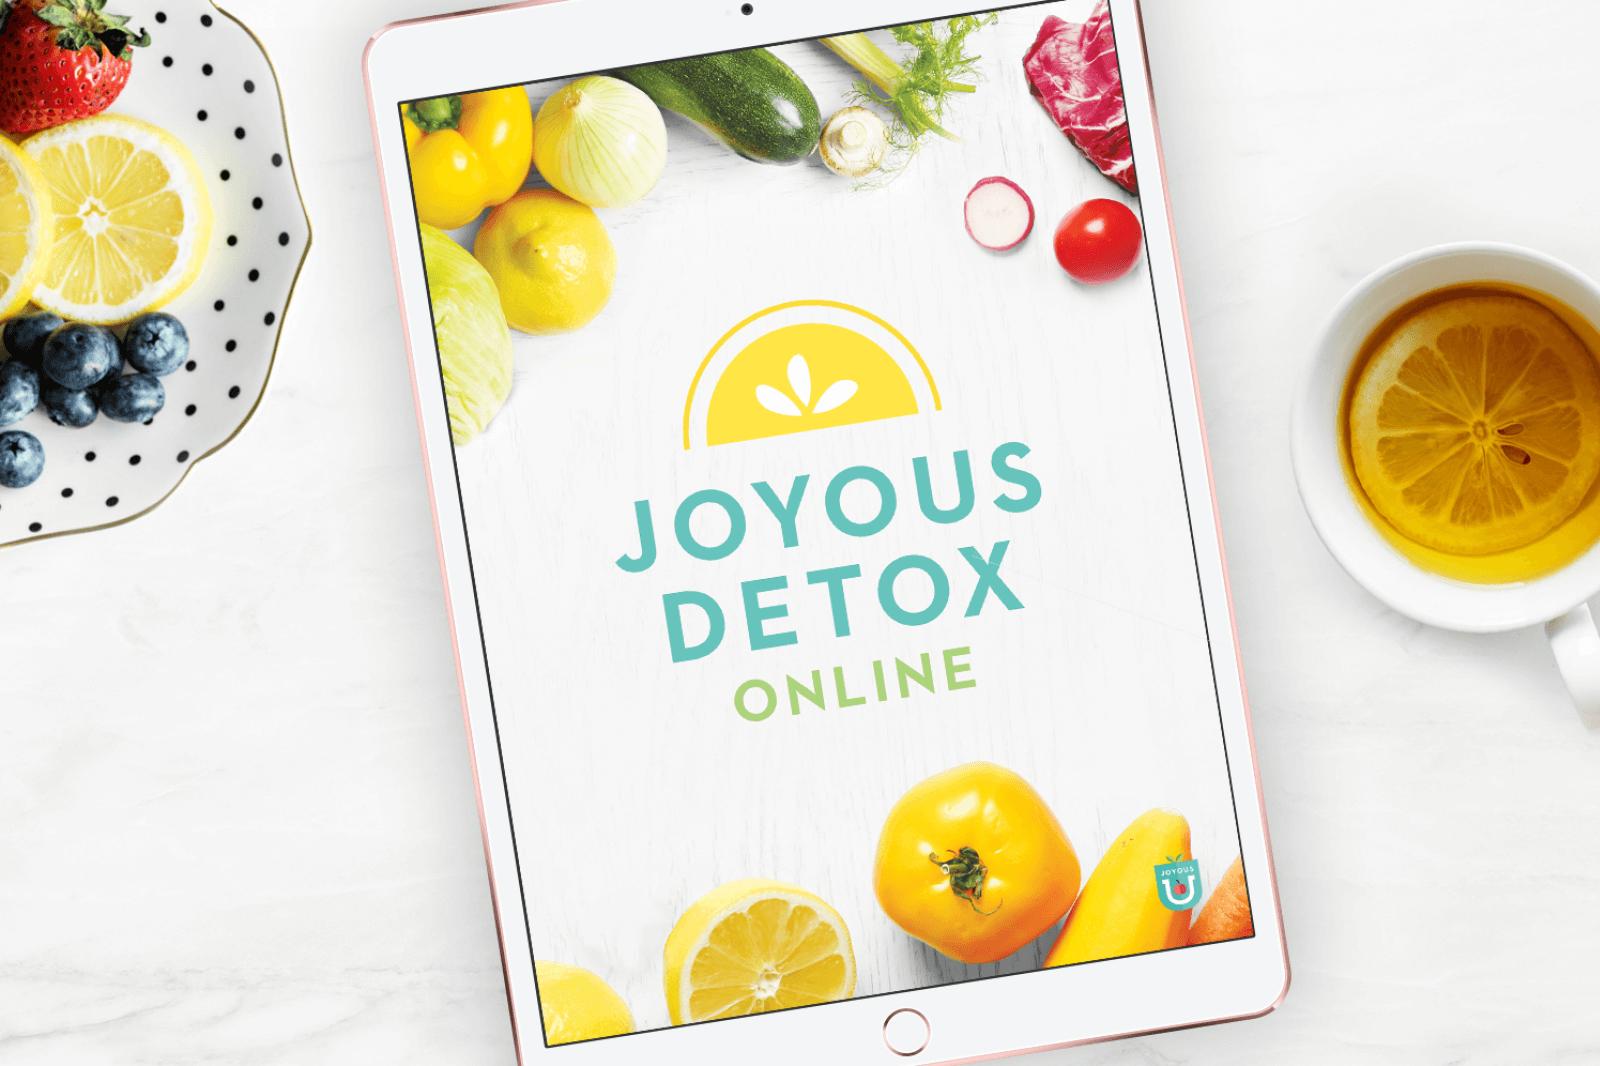 Joyous Detox Online thumbnail